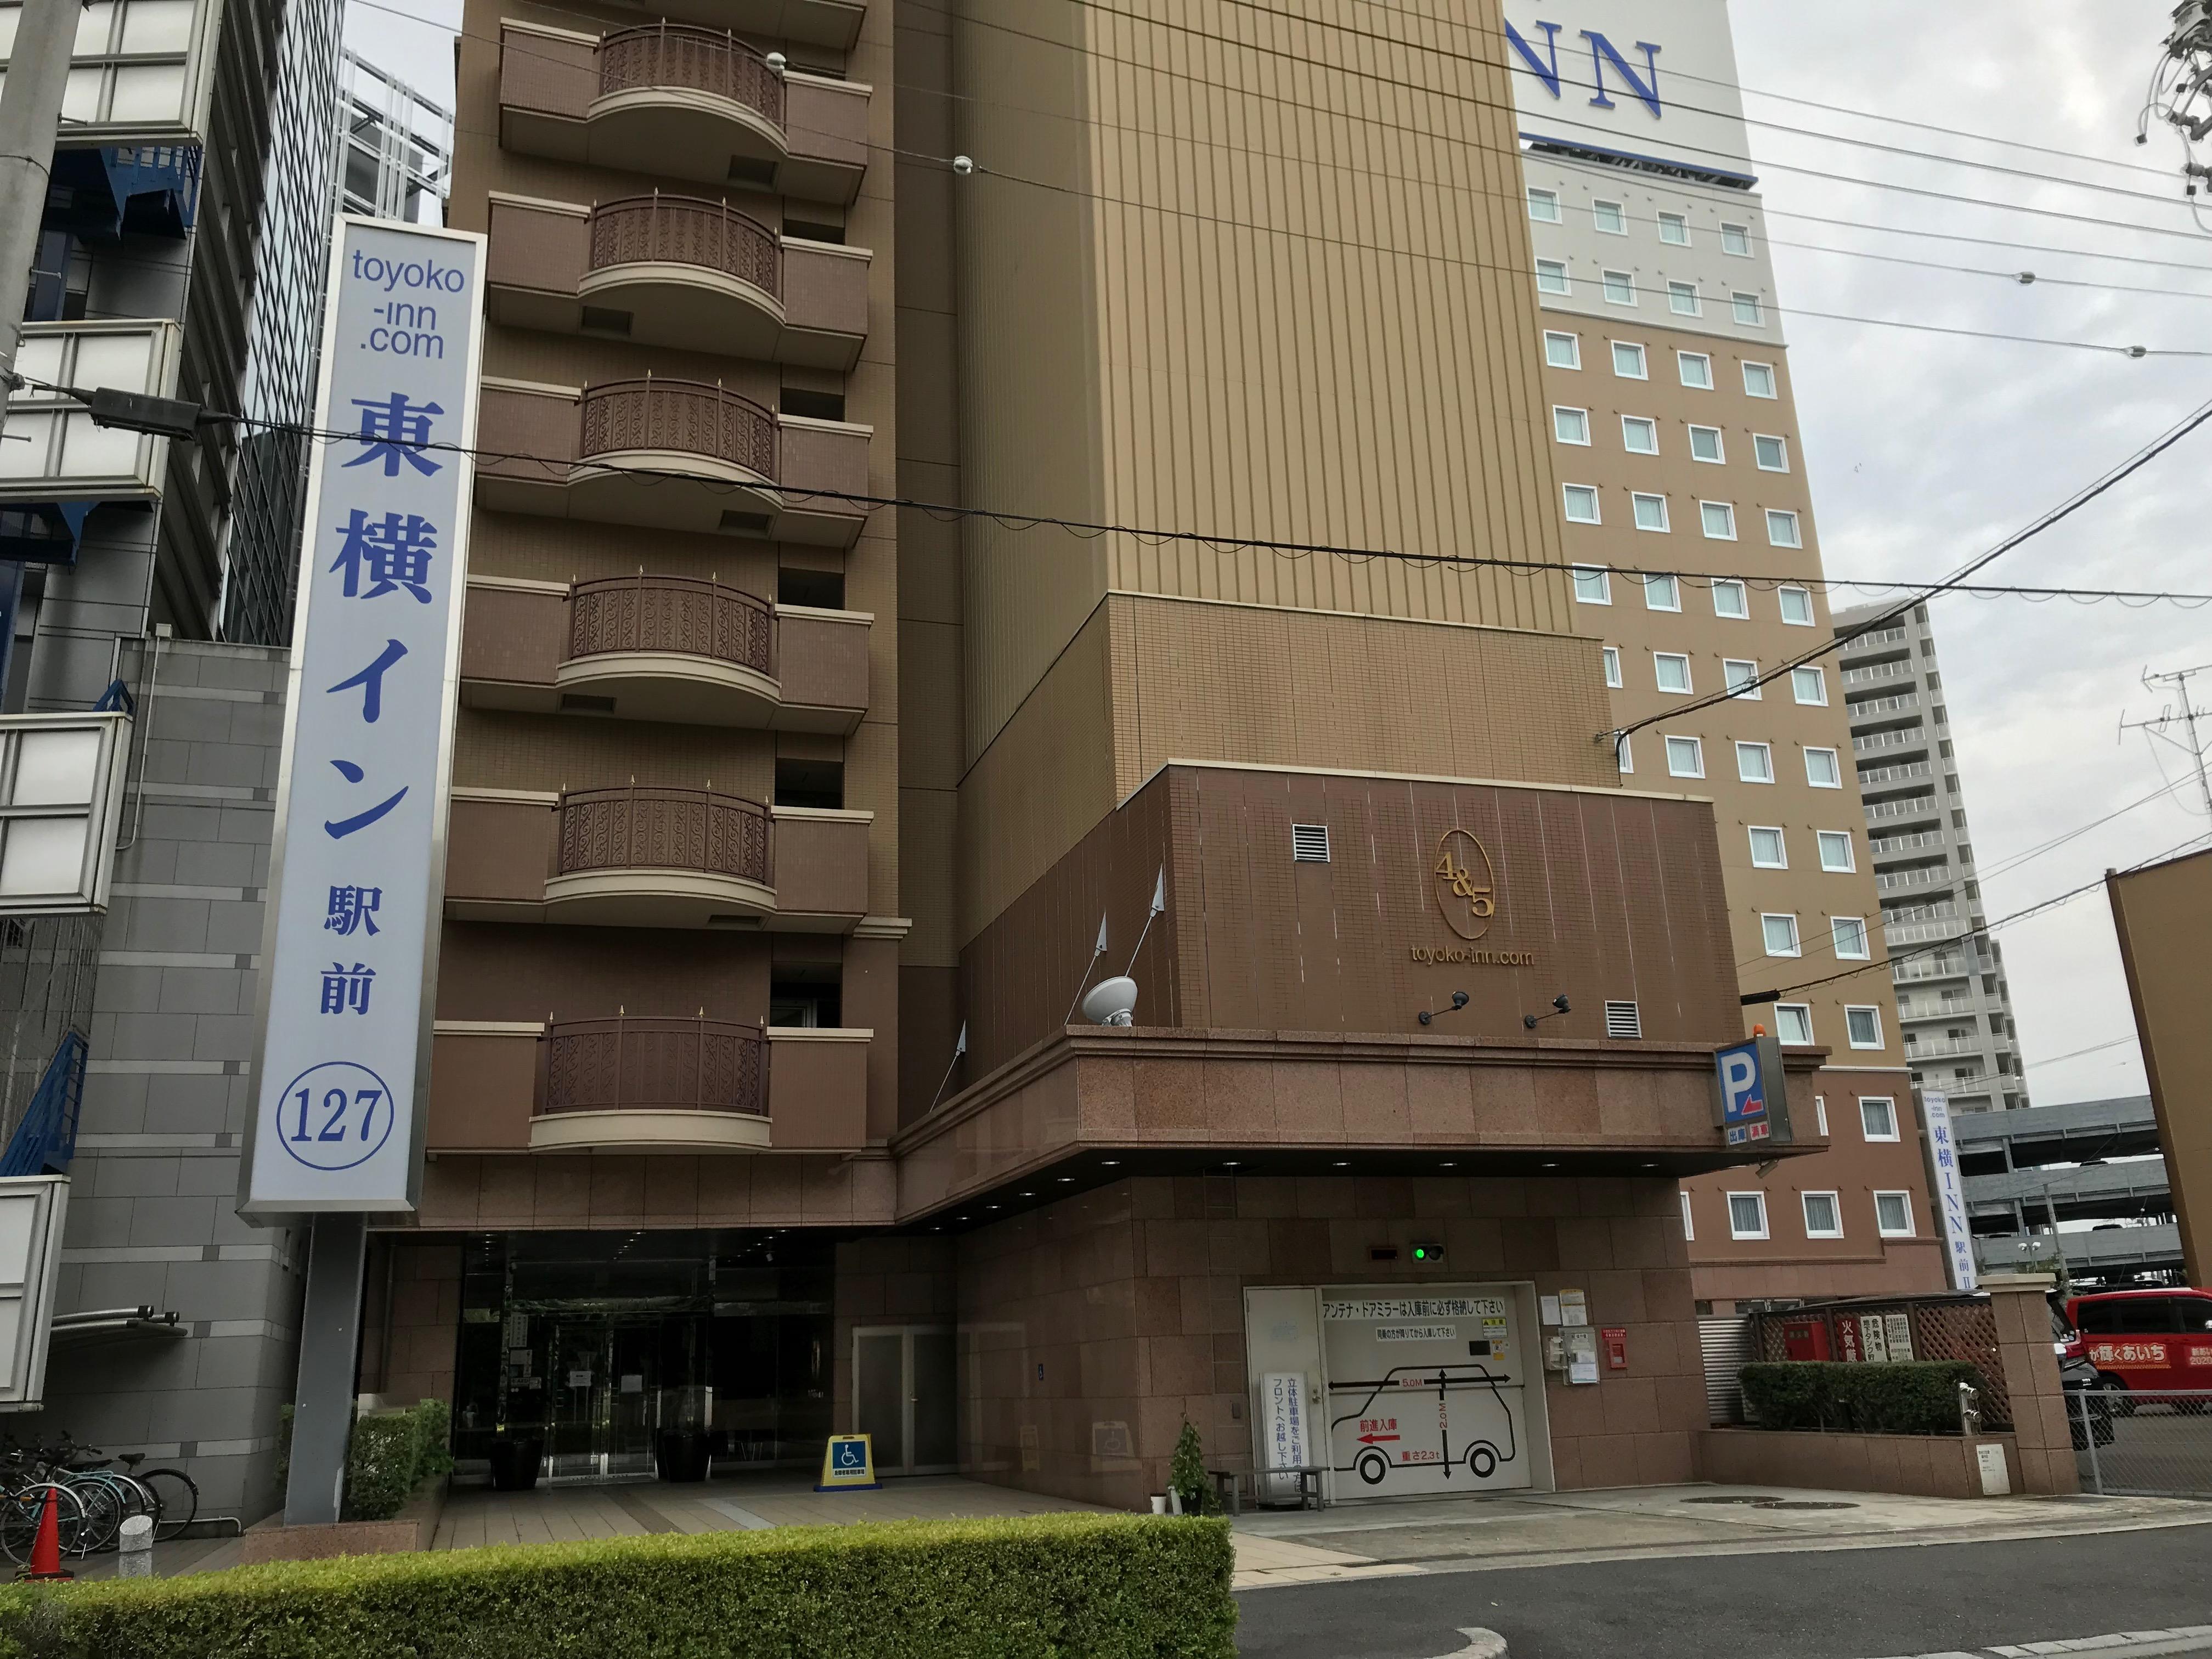 東横イン 三河安城駅新幹線南口◆楽天トラベル